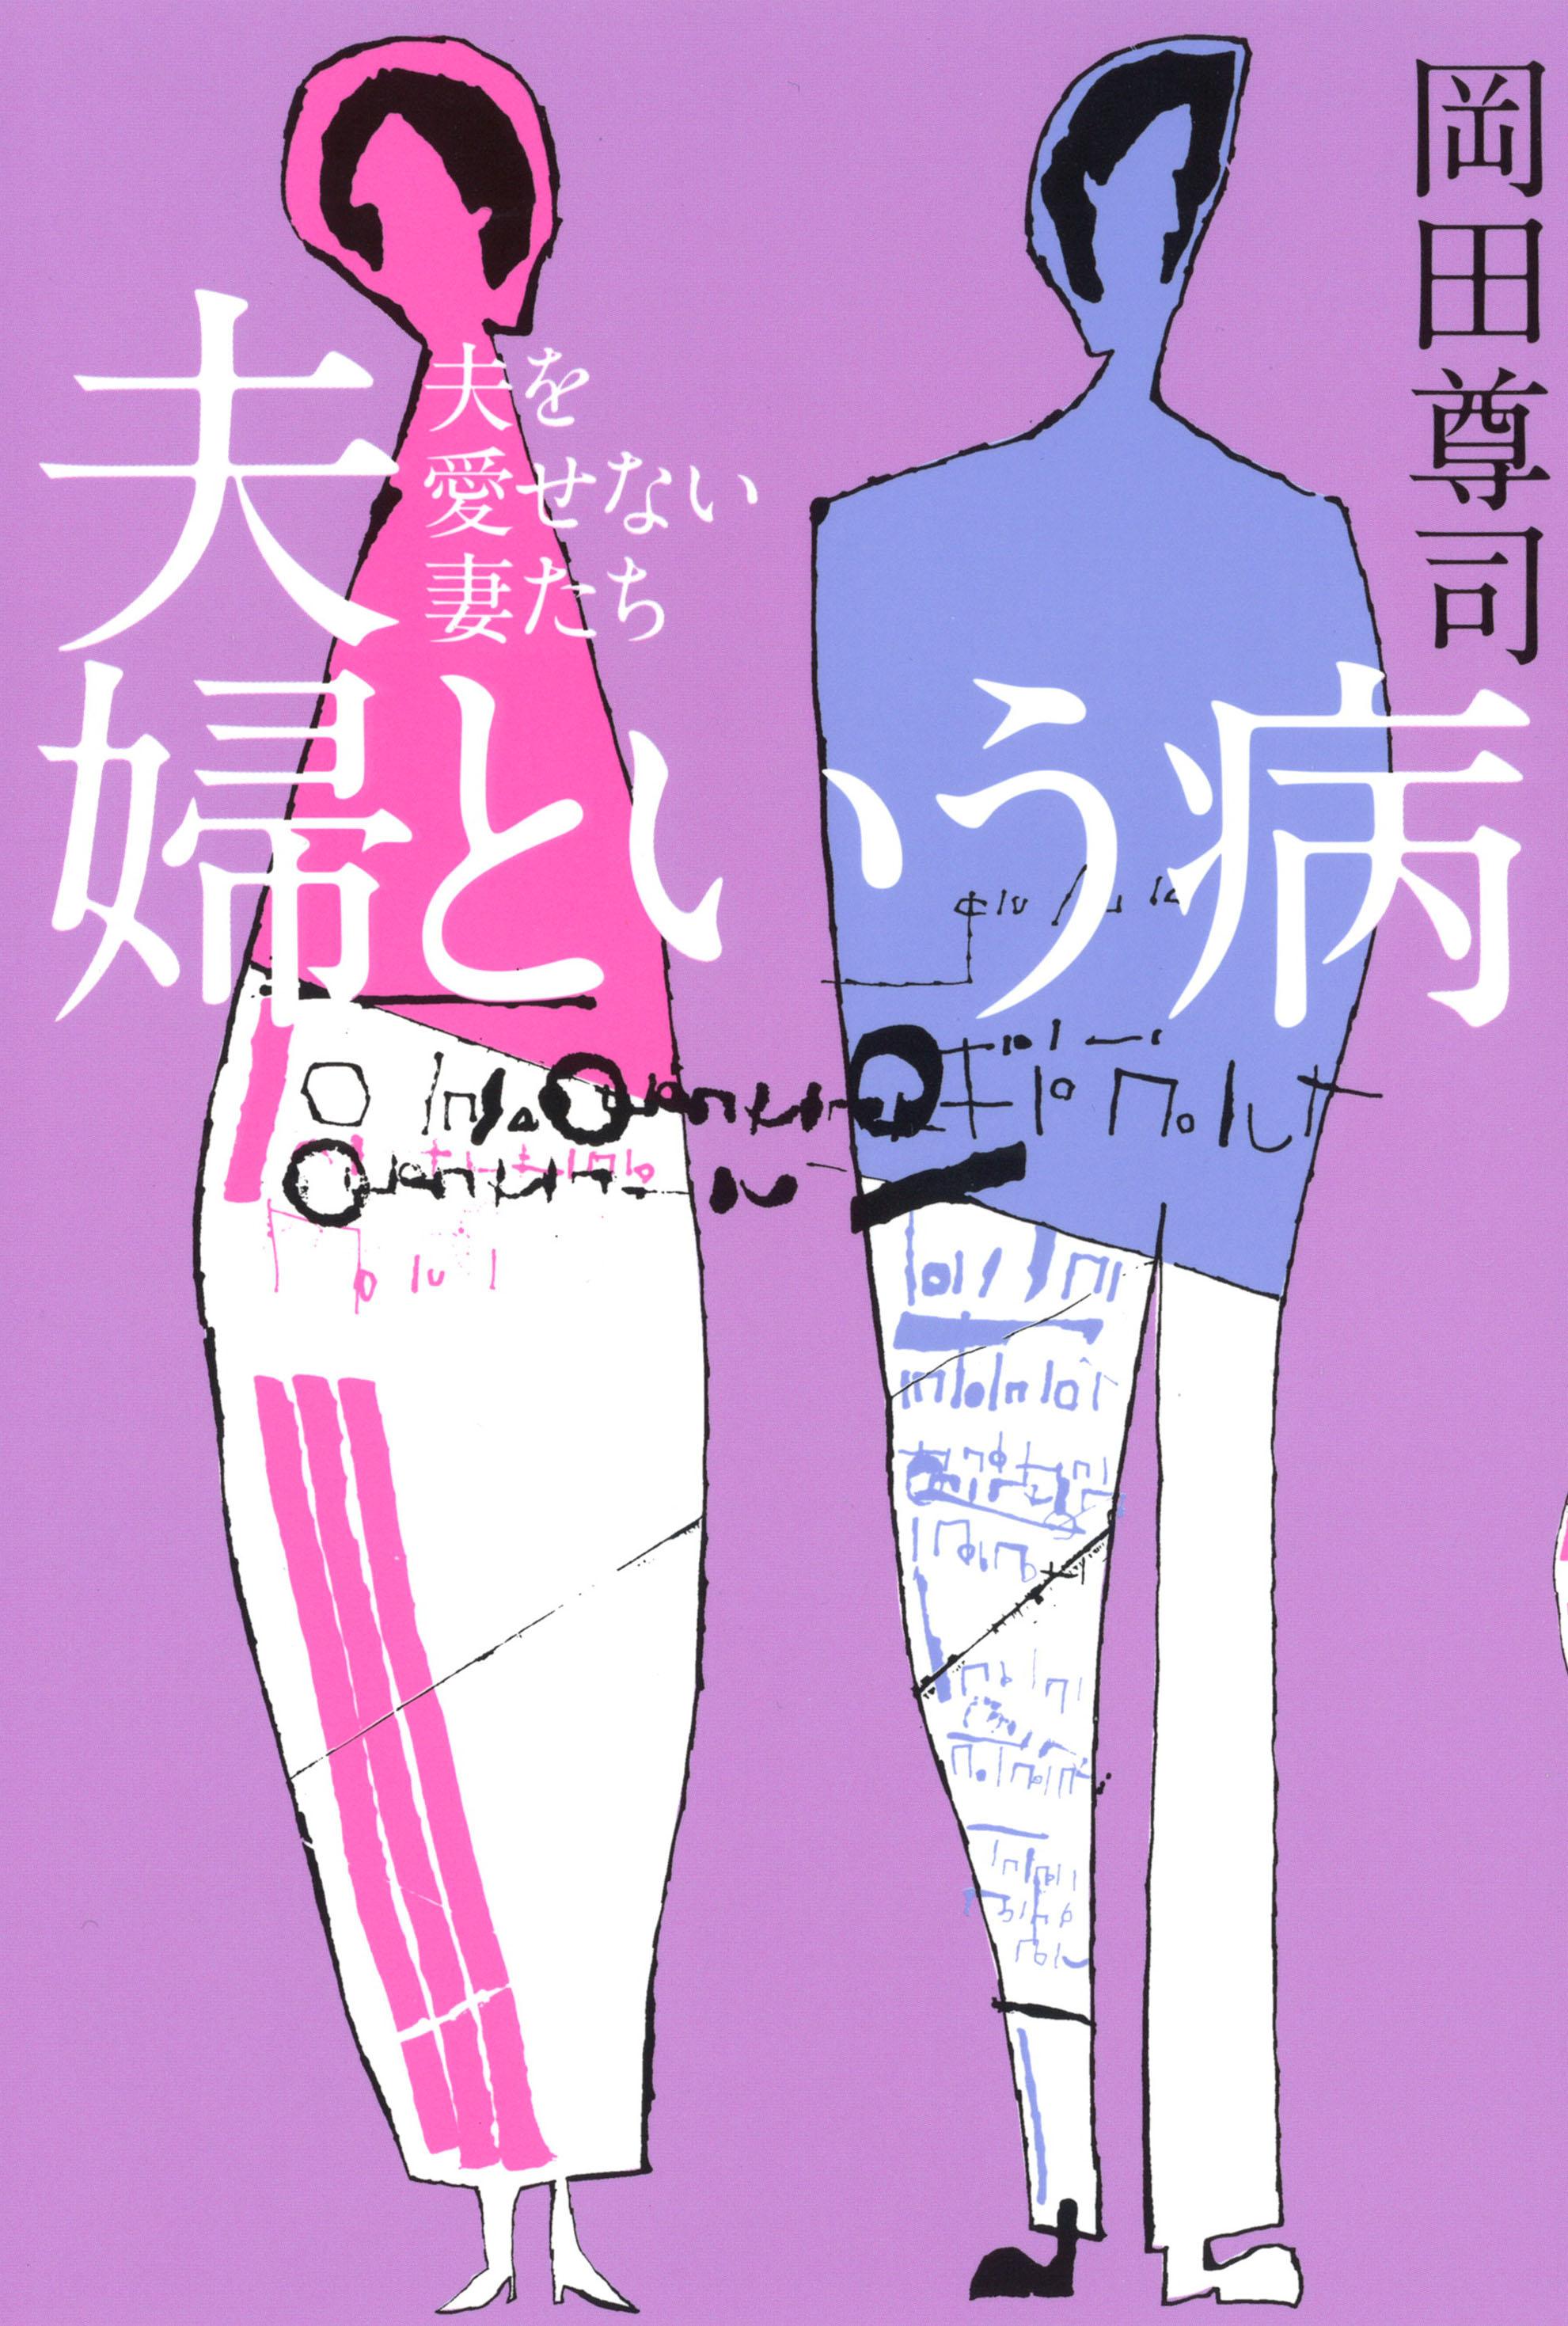 『夫婦という病』岡田尊司